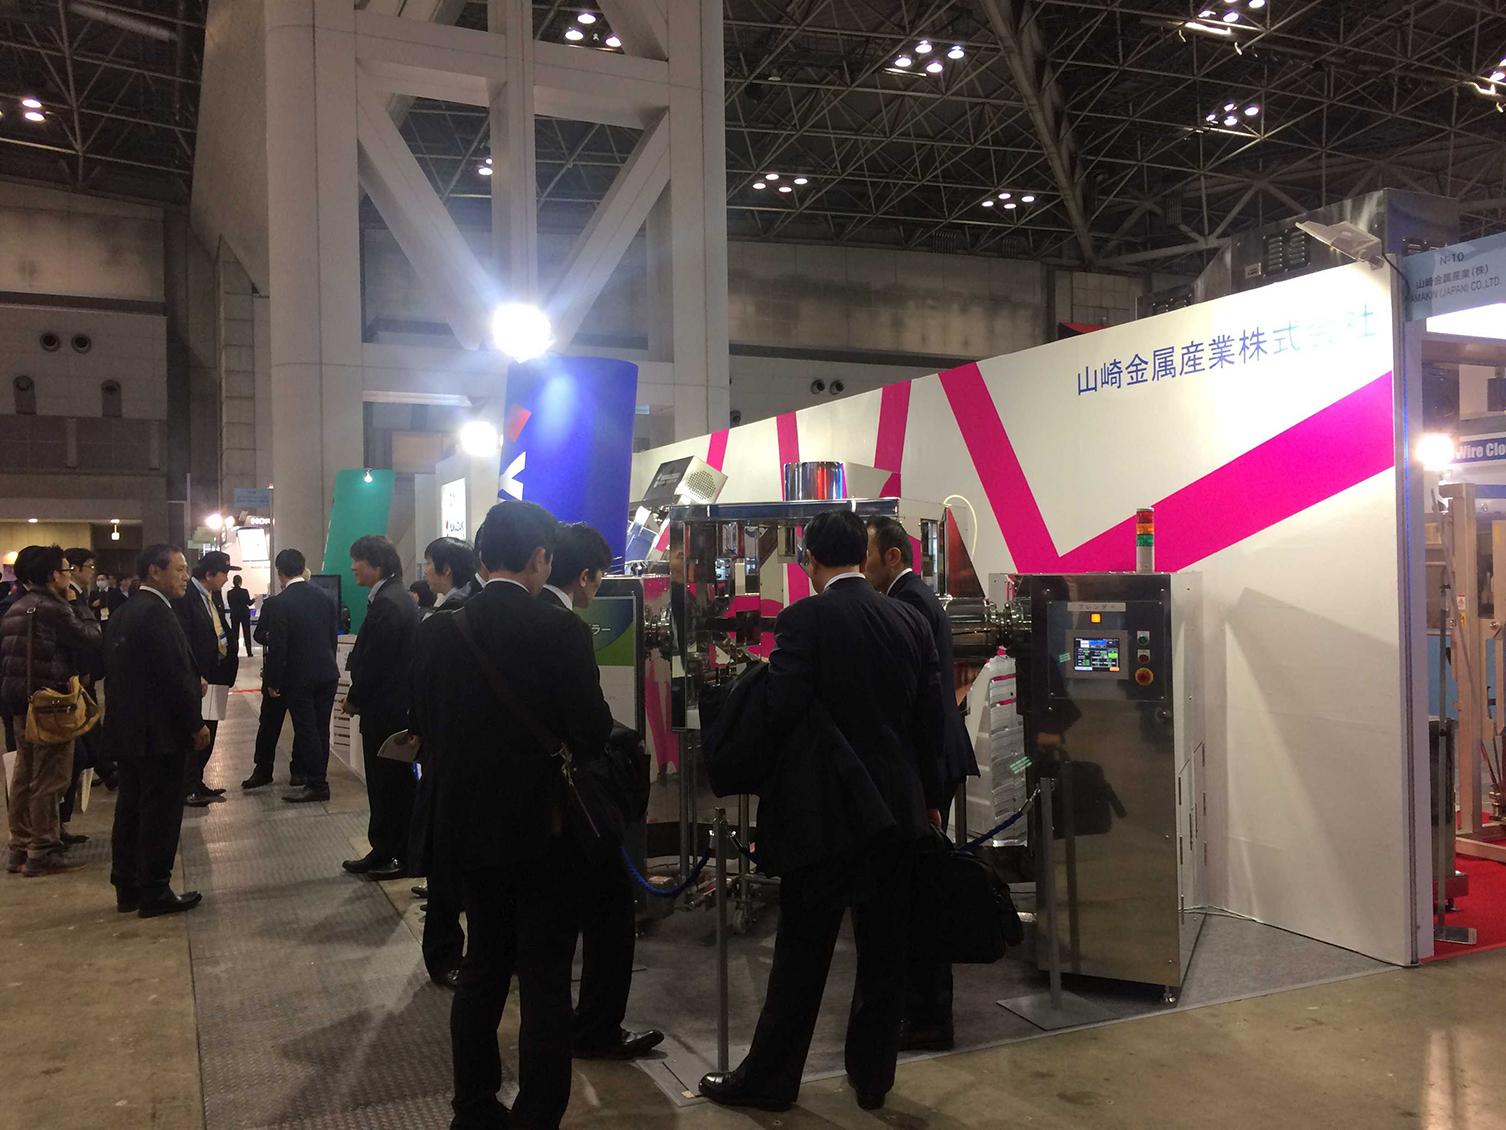 バルクシステム【出展のご報告と御礼】「国際粉体工業展東京2016」